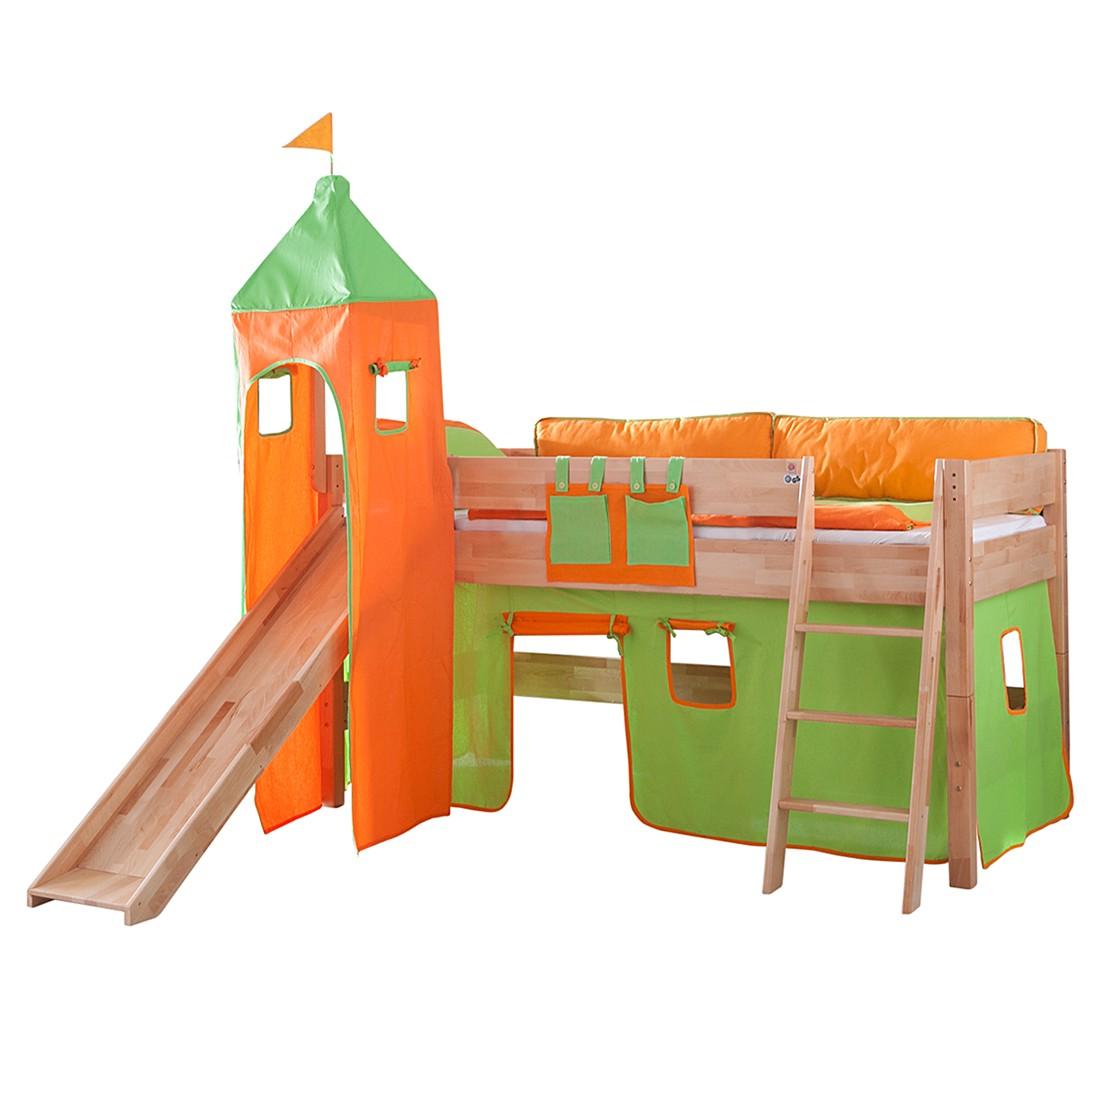 Spielbett Kim - Buche massiv - Natur lackiert - mit Rutsche, Turm und Textilset in Grün/Orange, Relita